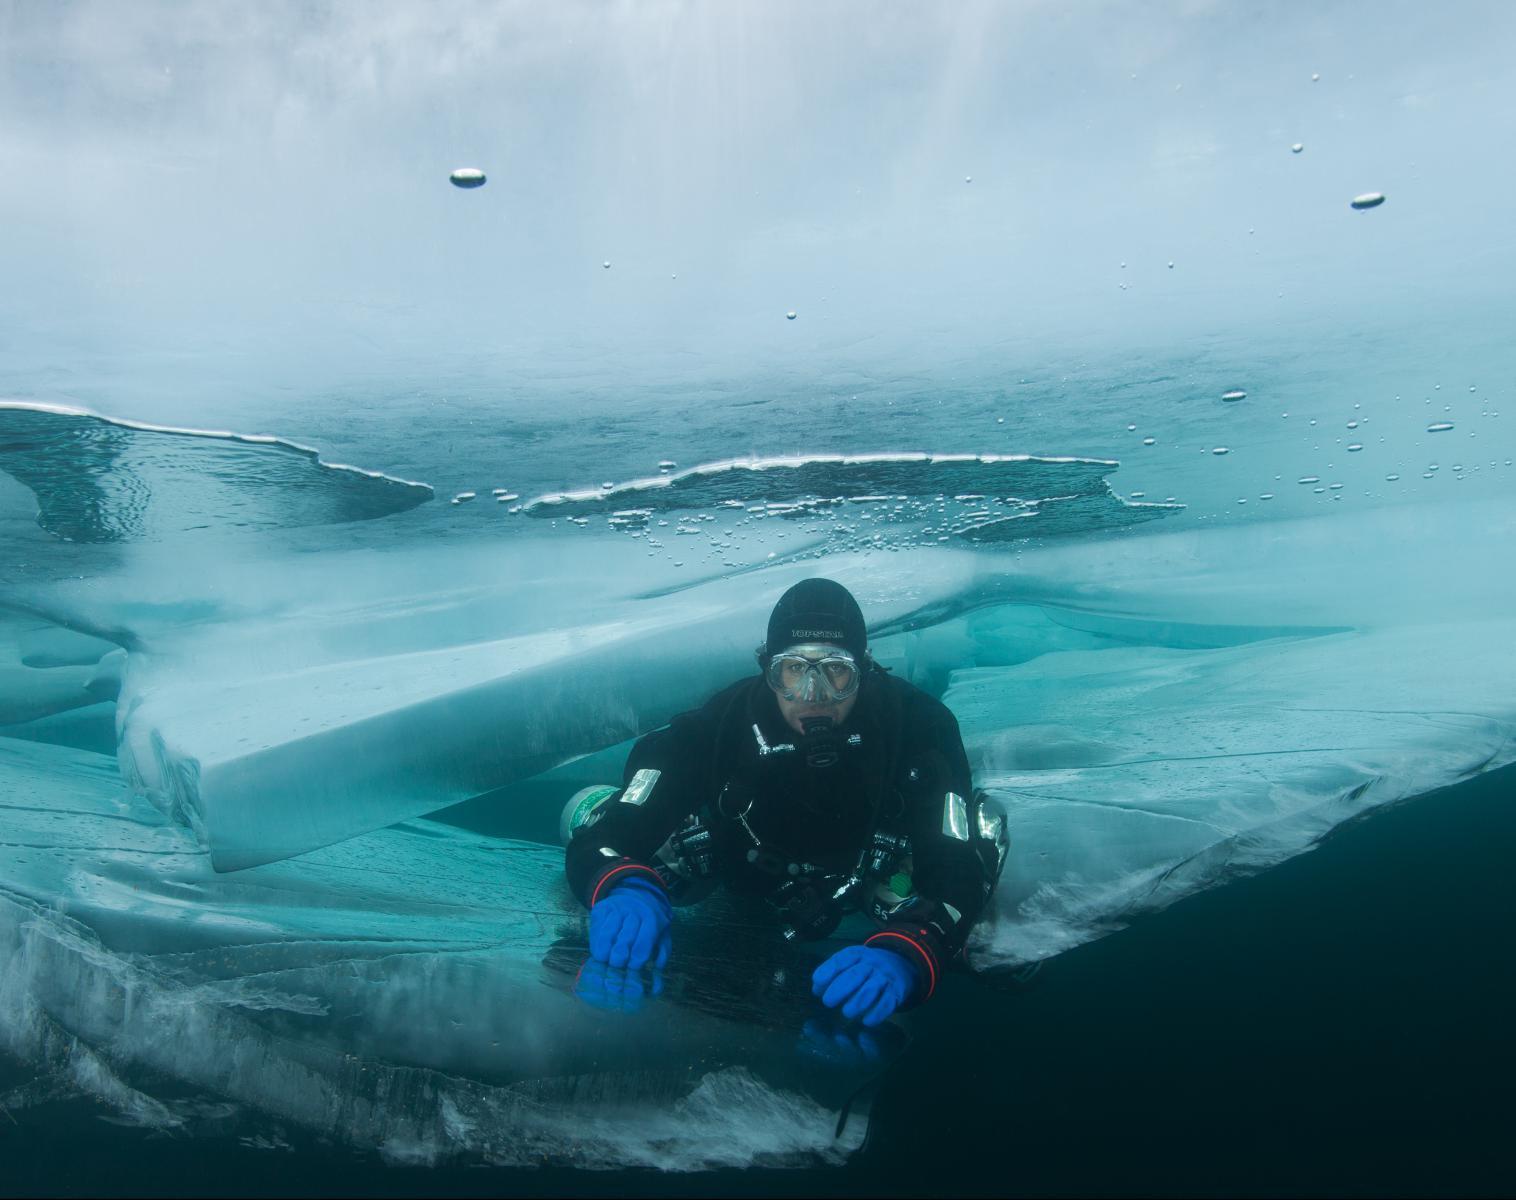 Russie  Sous les glaces du lac Baïkal   Apnée & Plongée  Rencontres et cultures du Monde